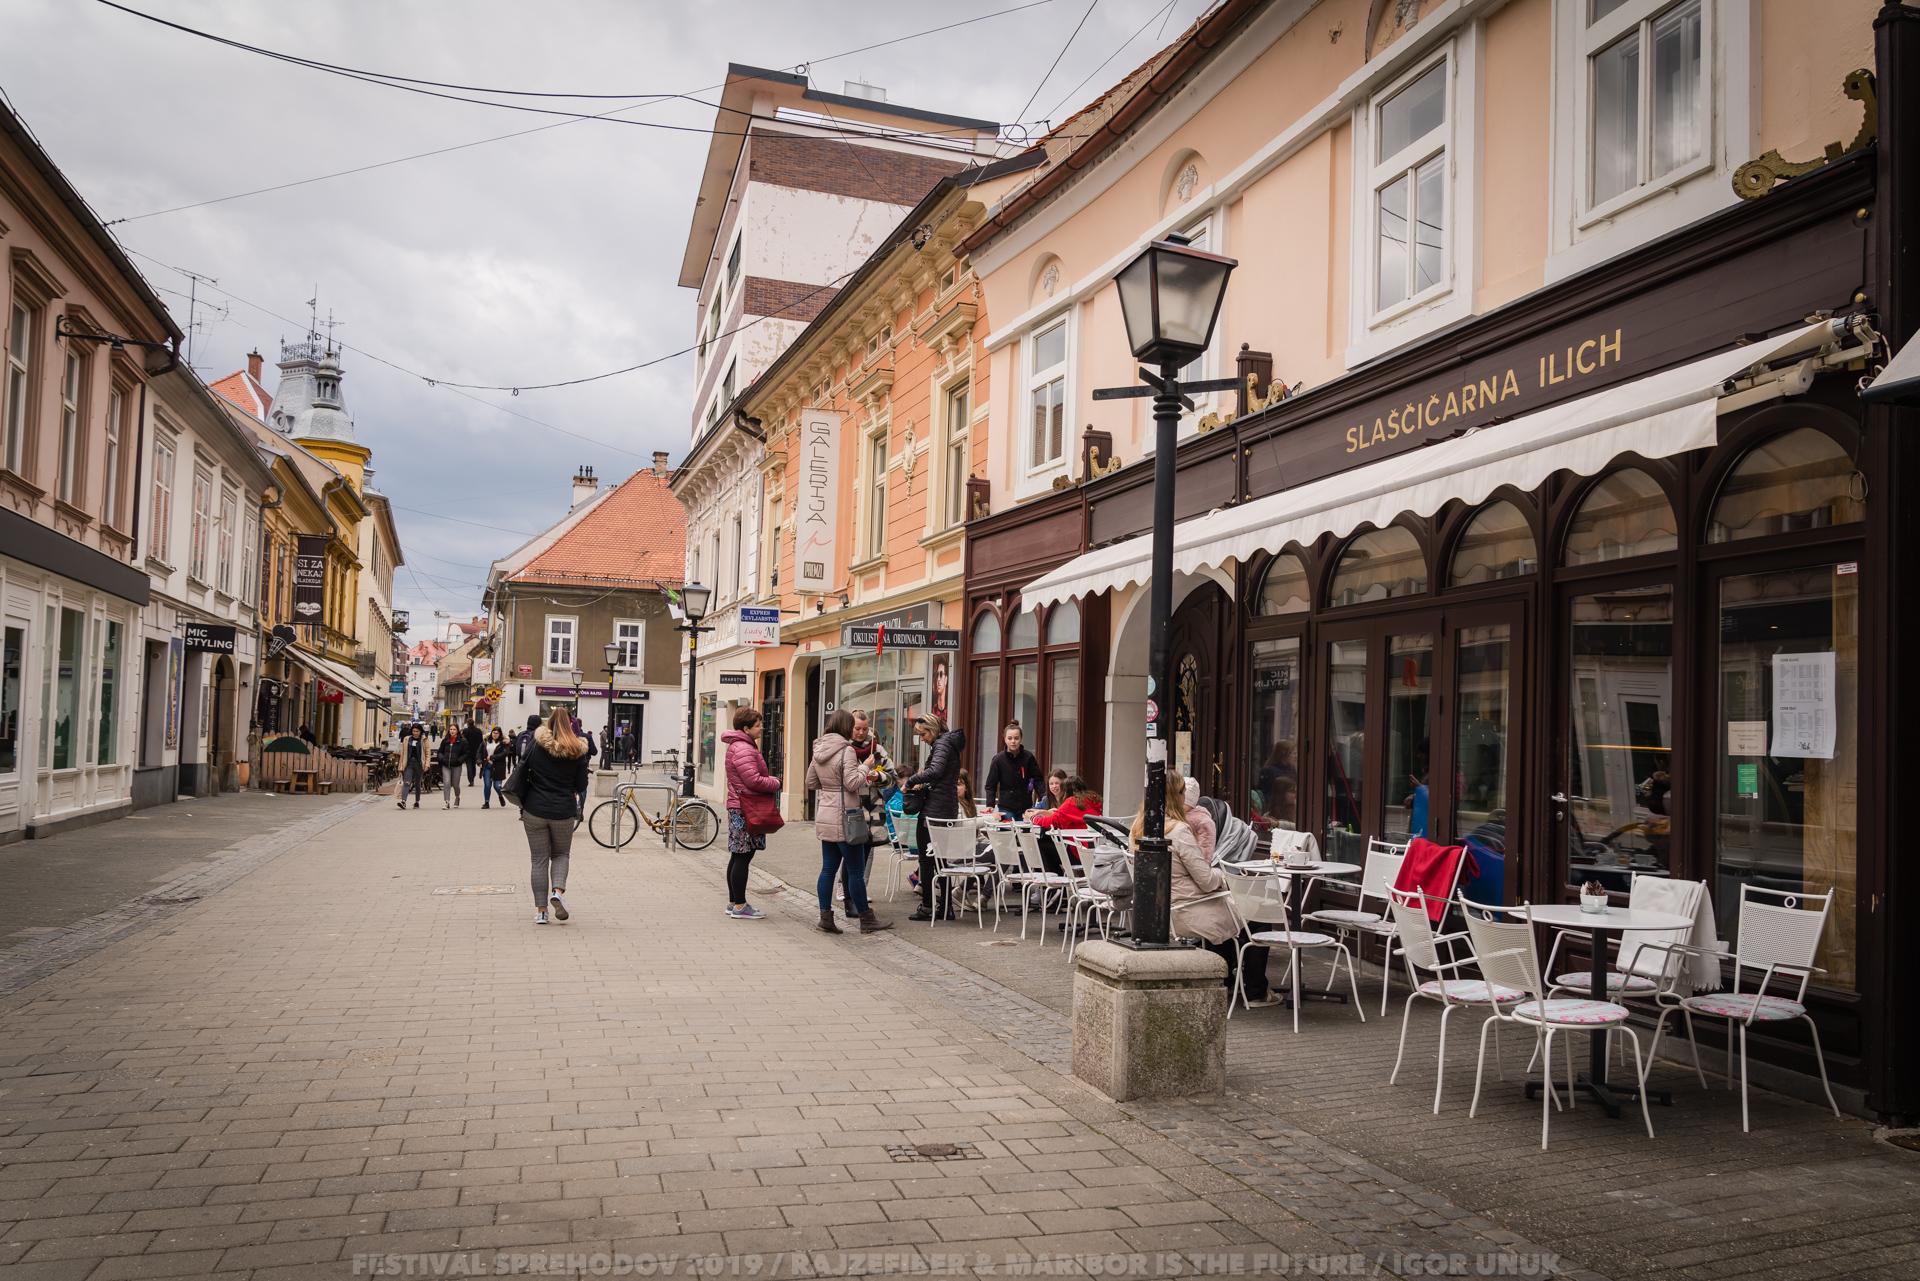 Senzoricna_mestna_dogodivscina_Unuk_125.jpg